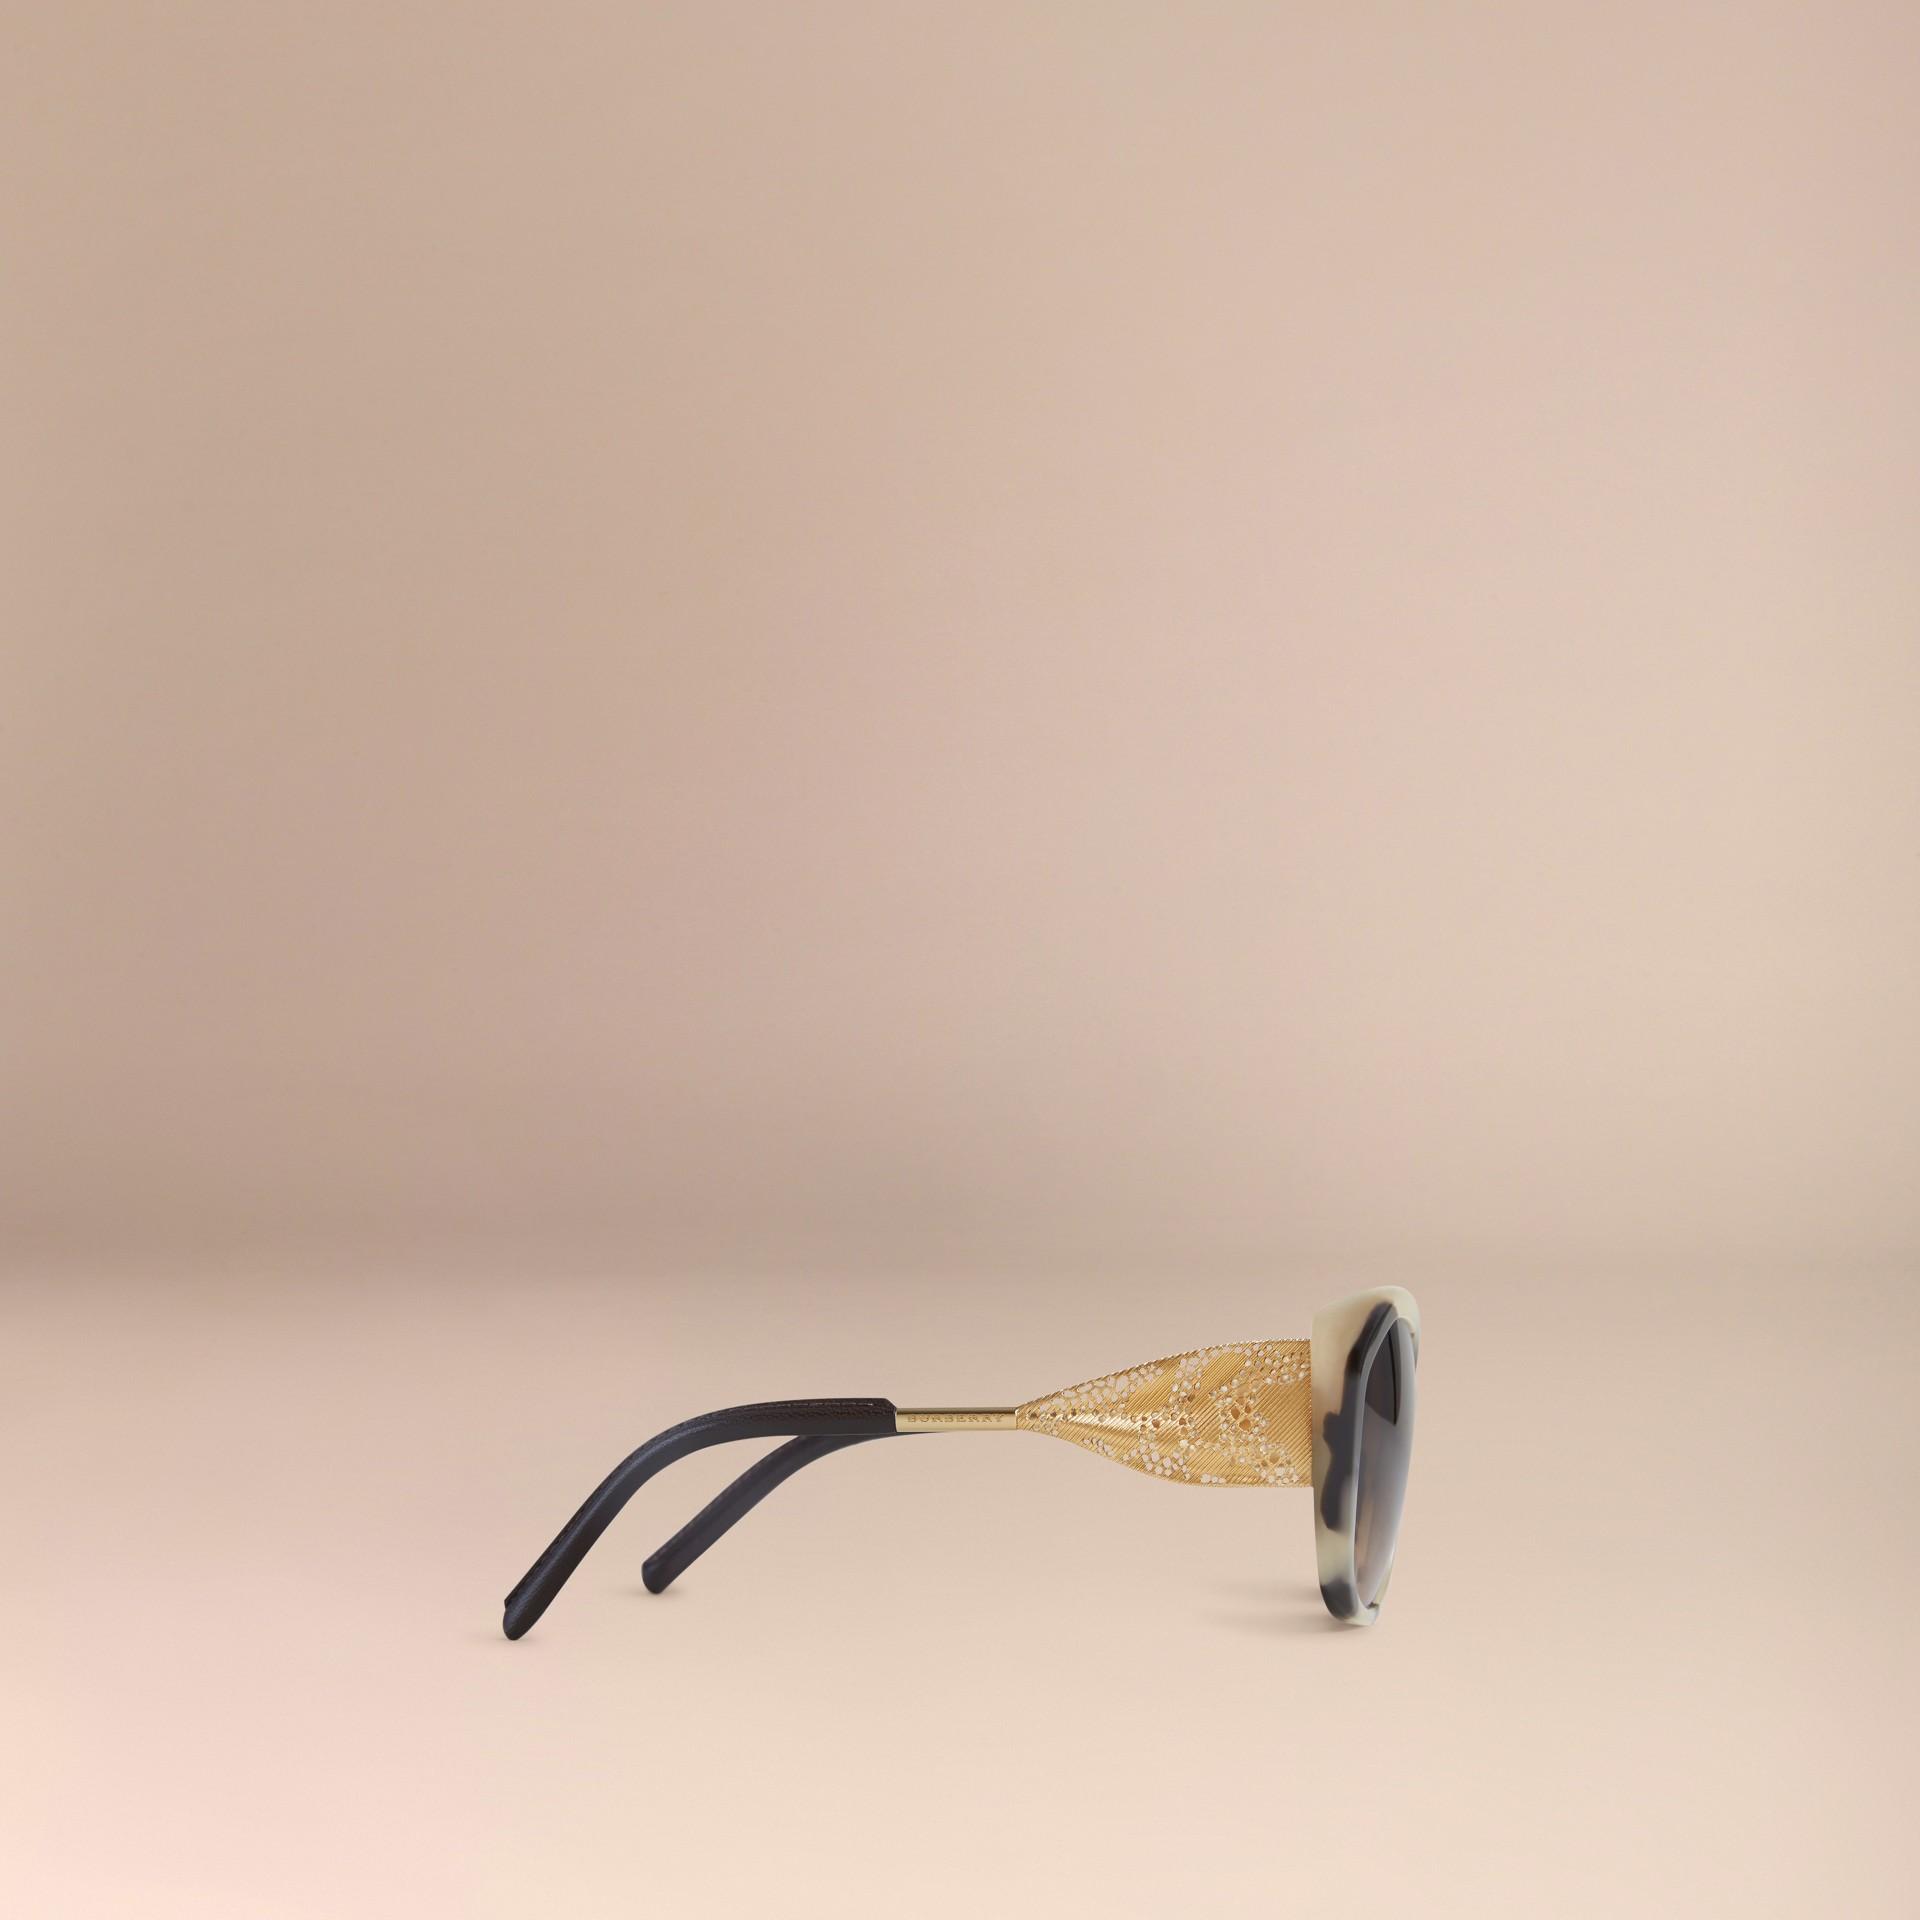 Tartarugato tonalità media Occhiali da sole con montatura quadrata collezione Pizzo di Gabardine Tartarugato Tonalità Media - immagine della galleria 4